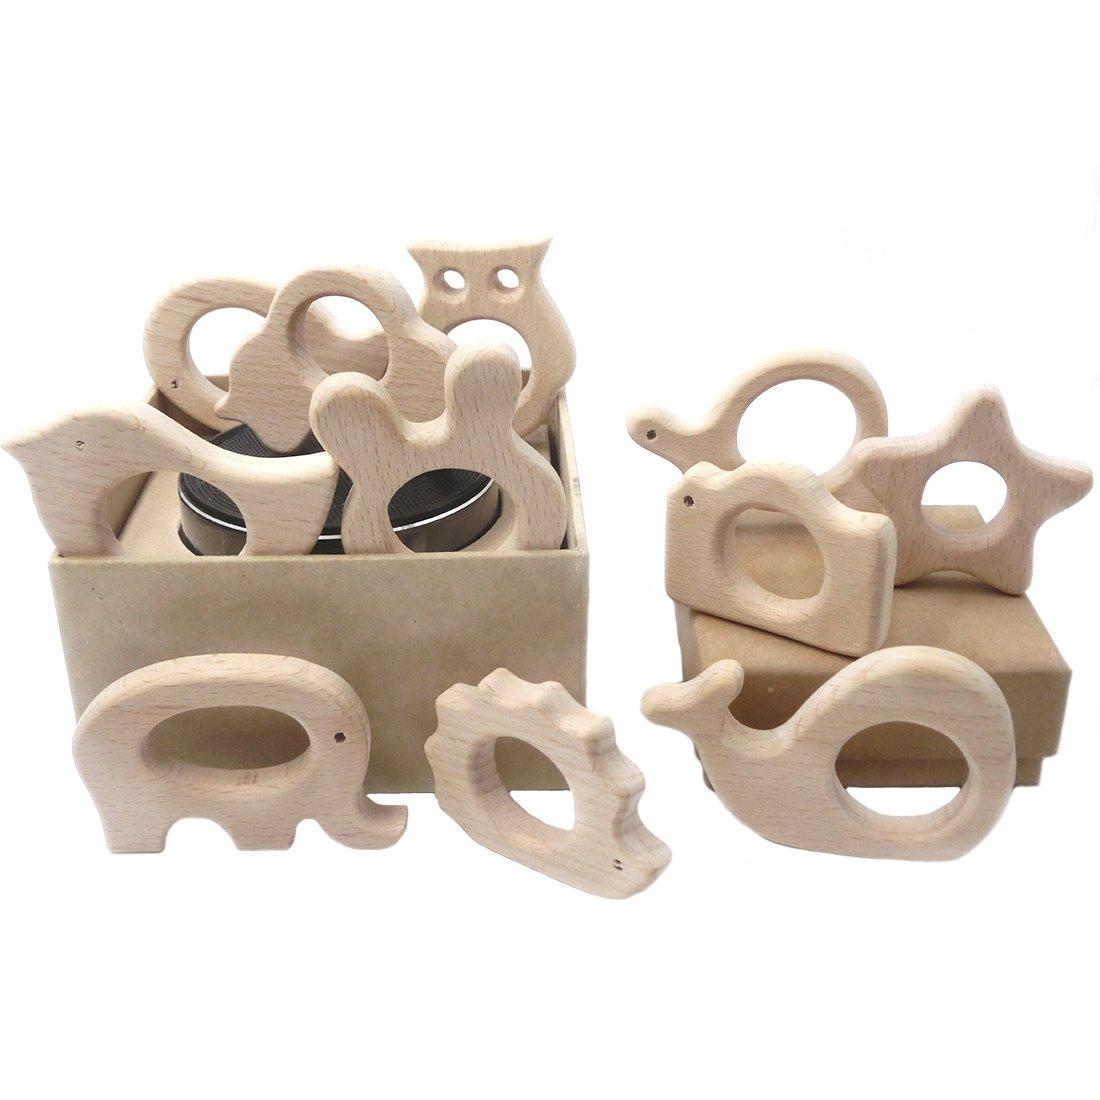 Coskiss 11pcs Organischer Baby-Zettel-hölzerner Teether Natürliches Zahnen-Greifen-Spielzeug-Baby-Dusche-Geschenk-Kleinkind-Zettel Neugeborenes Baby-Geschenk (Holzfarbe-11PCS)